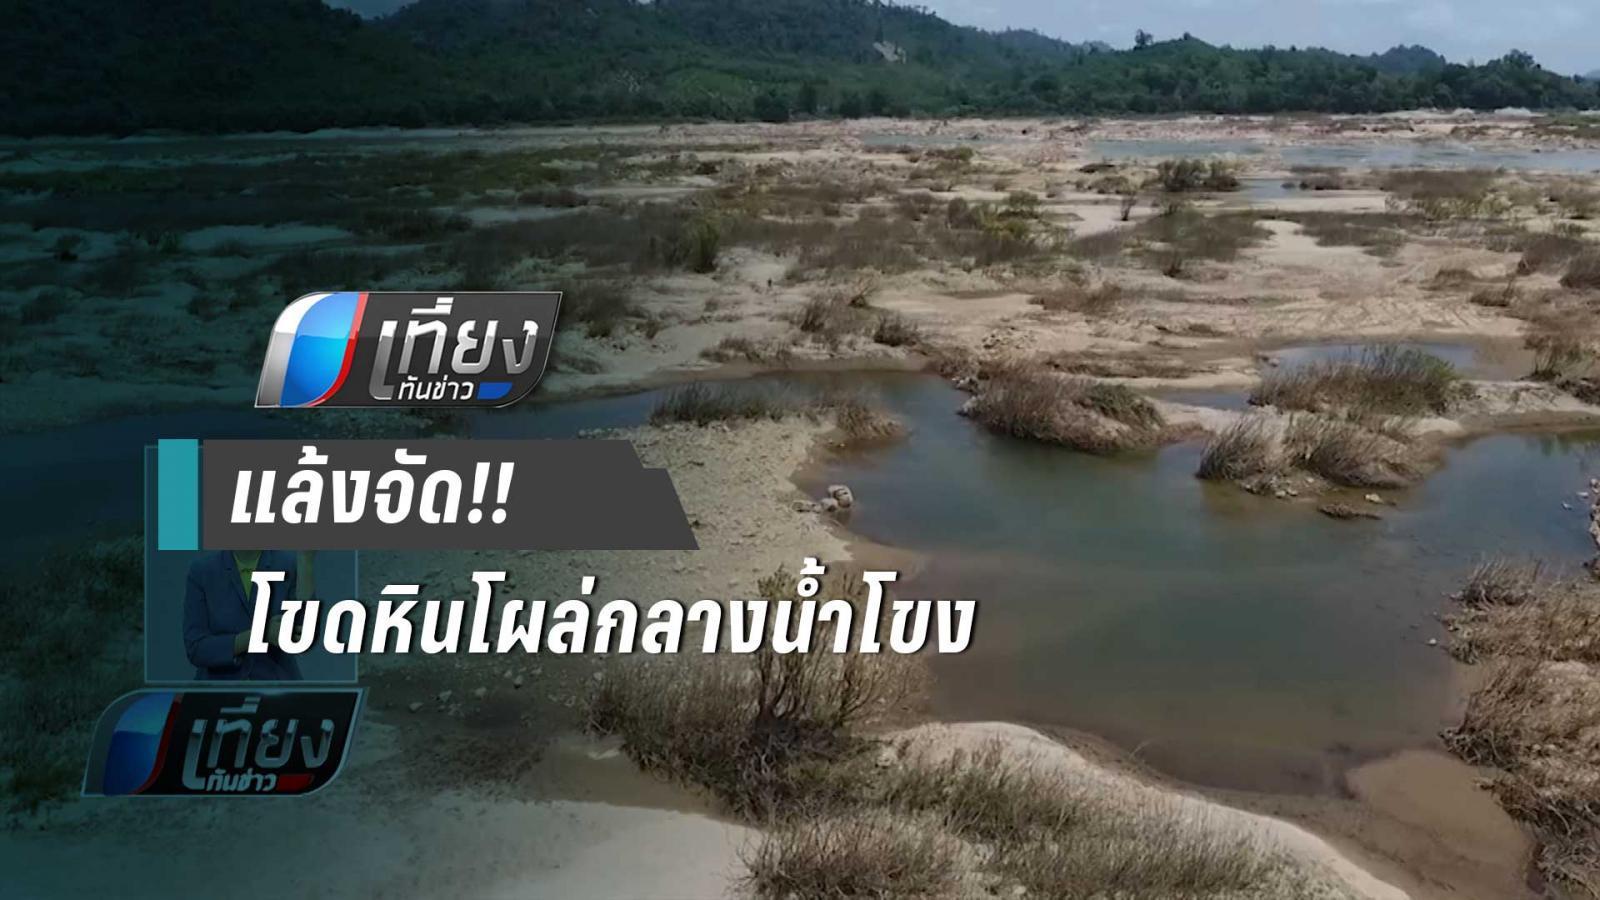 น้ำโขงแห้งหนัก นักท่องเที่ยวแห่ชมโขดหินกว้าง  1กิโลเมตร